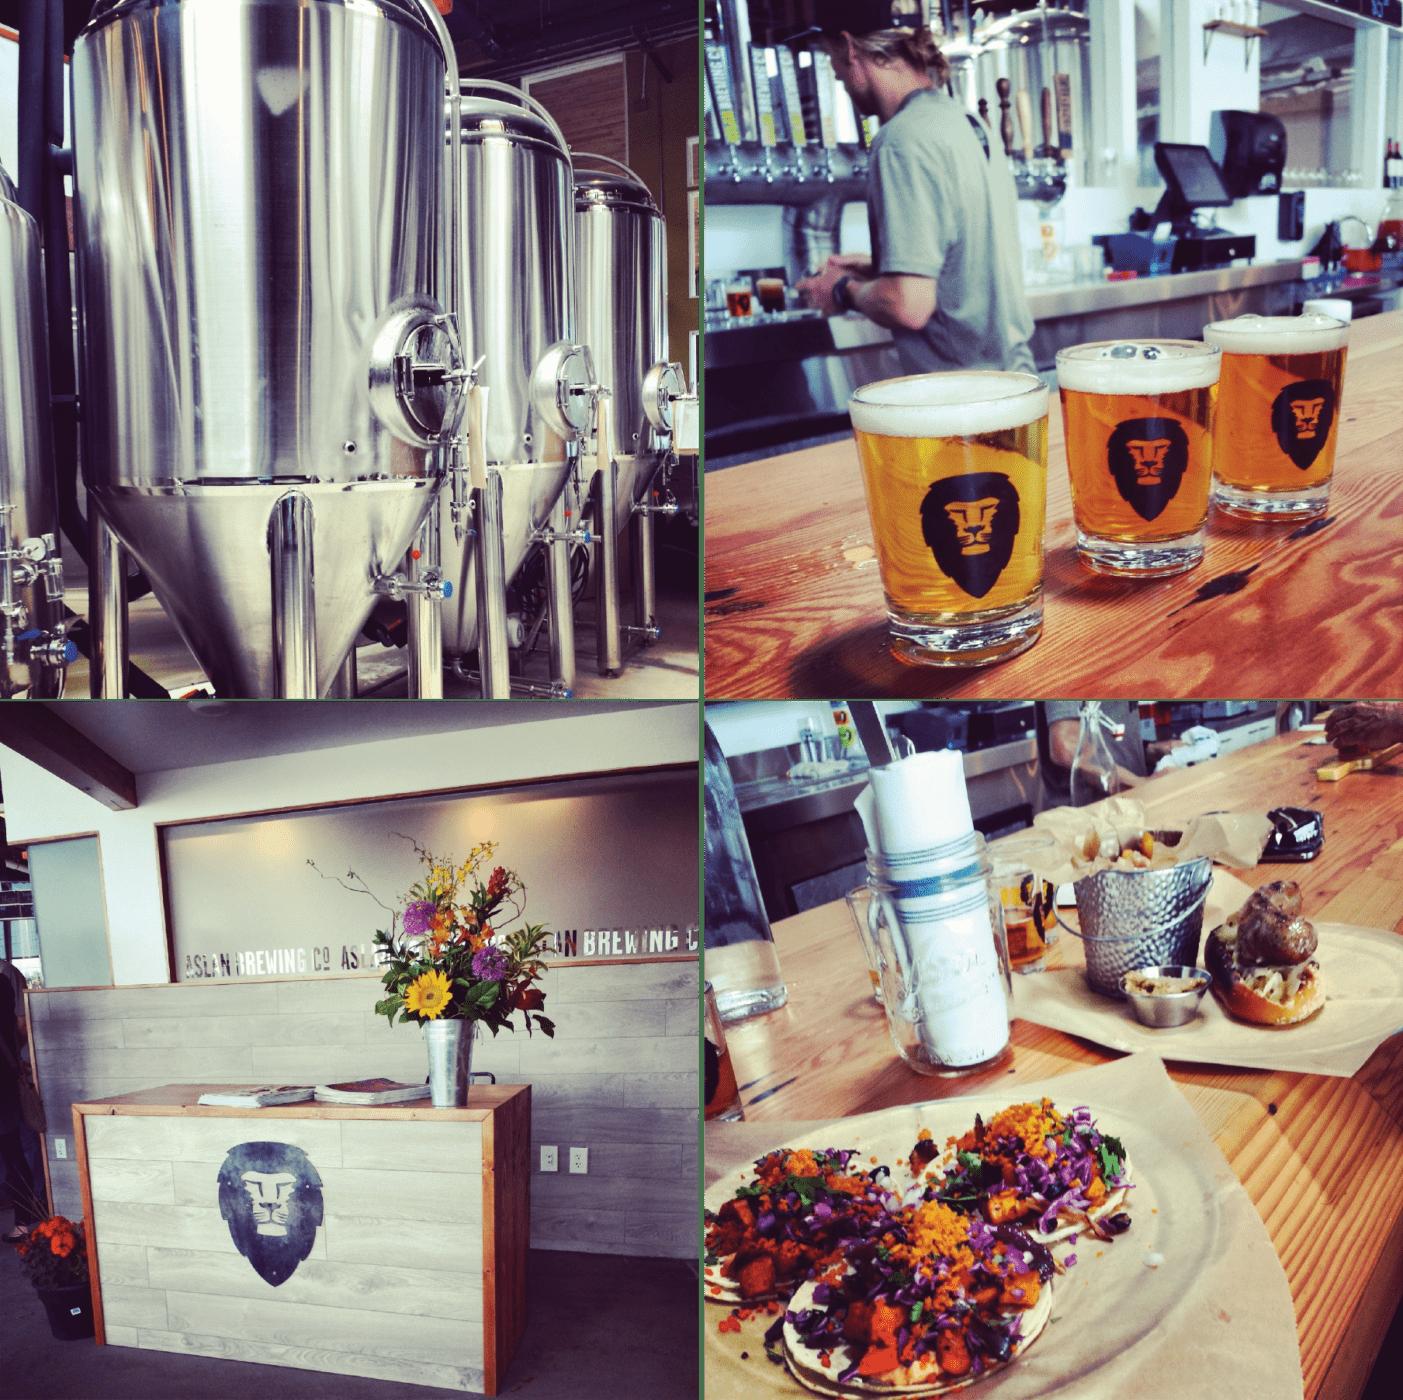 Aslan Brewing Co, Bellingham, Craft Beer, Brewery, Restaurant, Brewpub